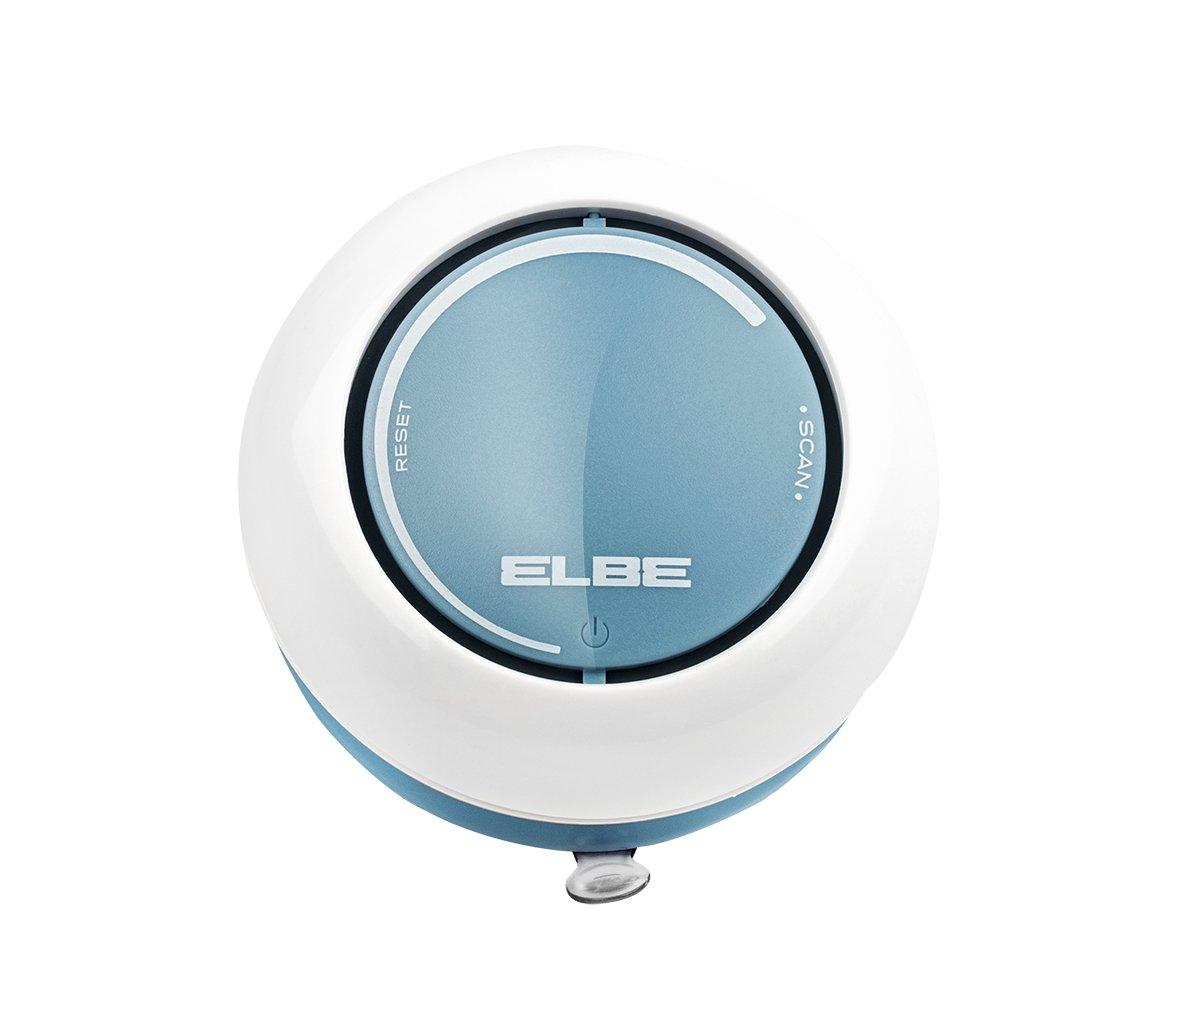 Elbe DR-1308 Radio de Ducha, Radio FM Auto scan, ipx4 contra Salpicaduras, Altavoz Incorporado, Control de Volumen, ventosas para Fijar en Pared, Funciona con Pilas, Color Blanco Azul: Amazon.es: Electrónica